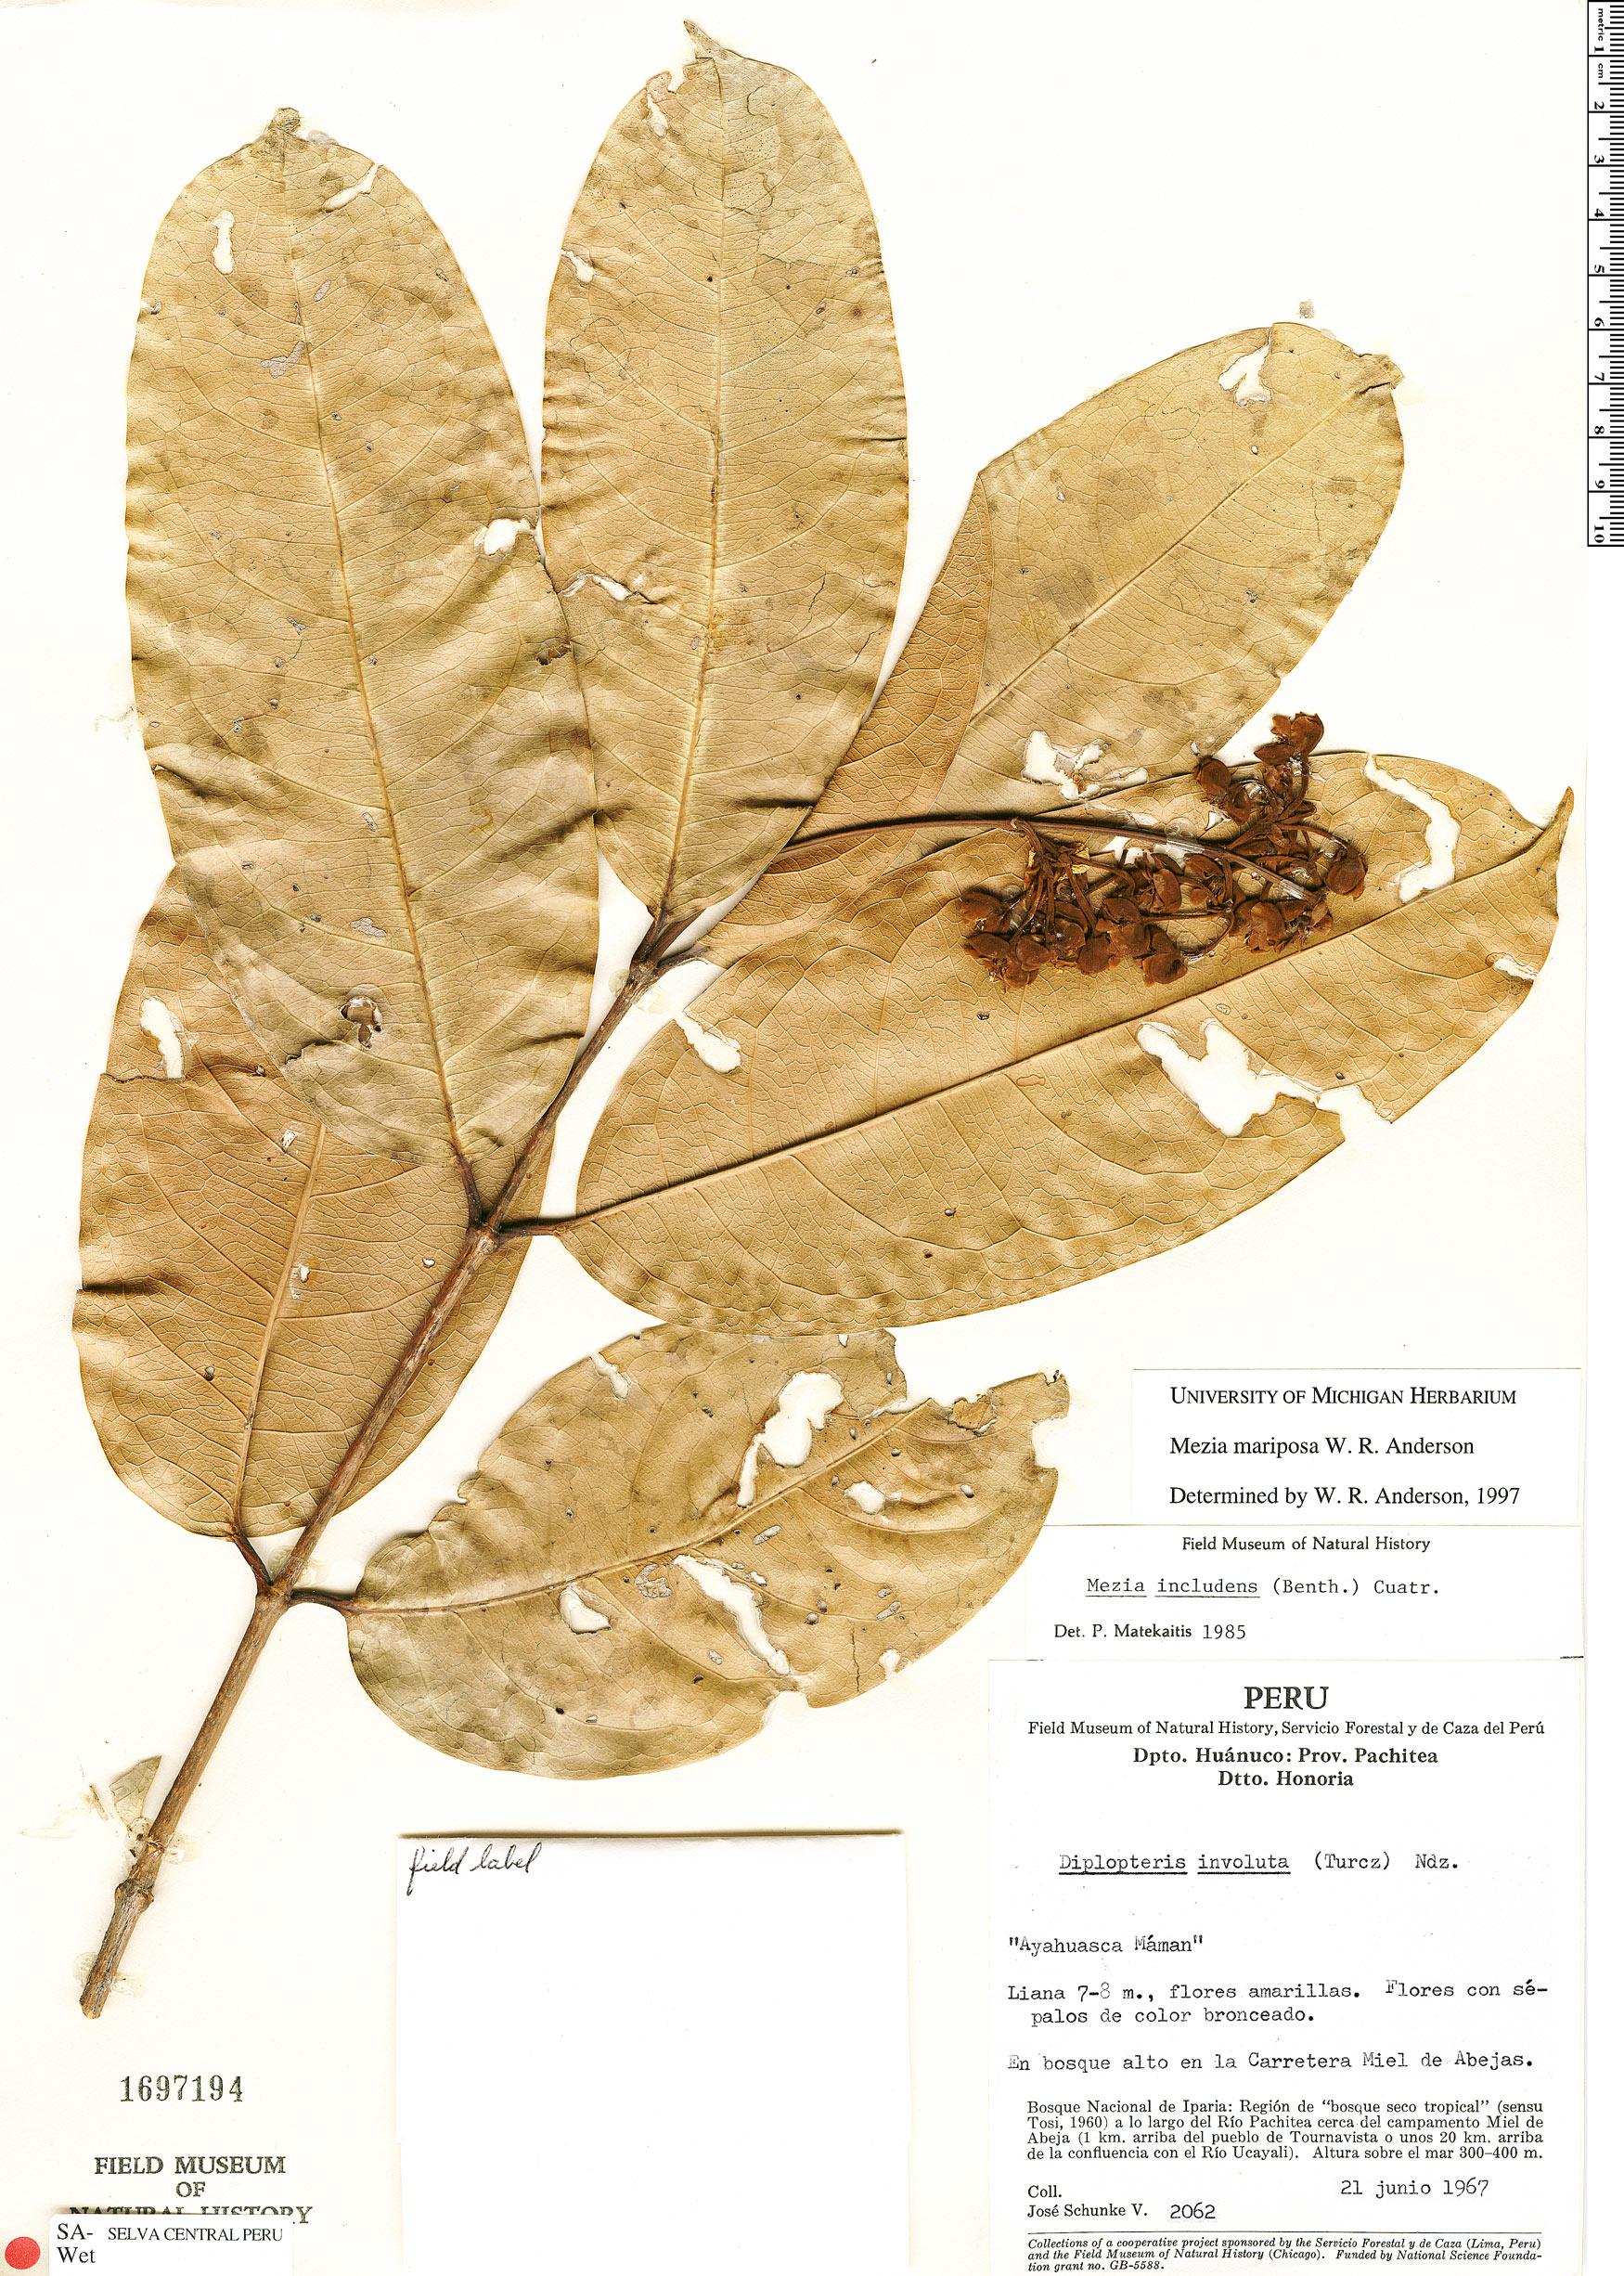 Specimen: Mezia mariposa